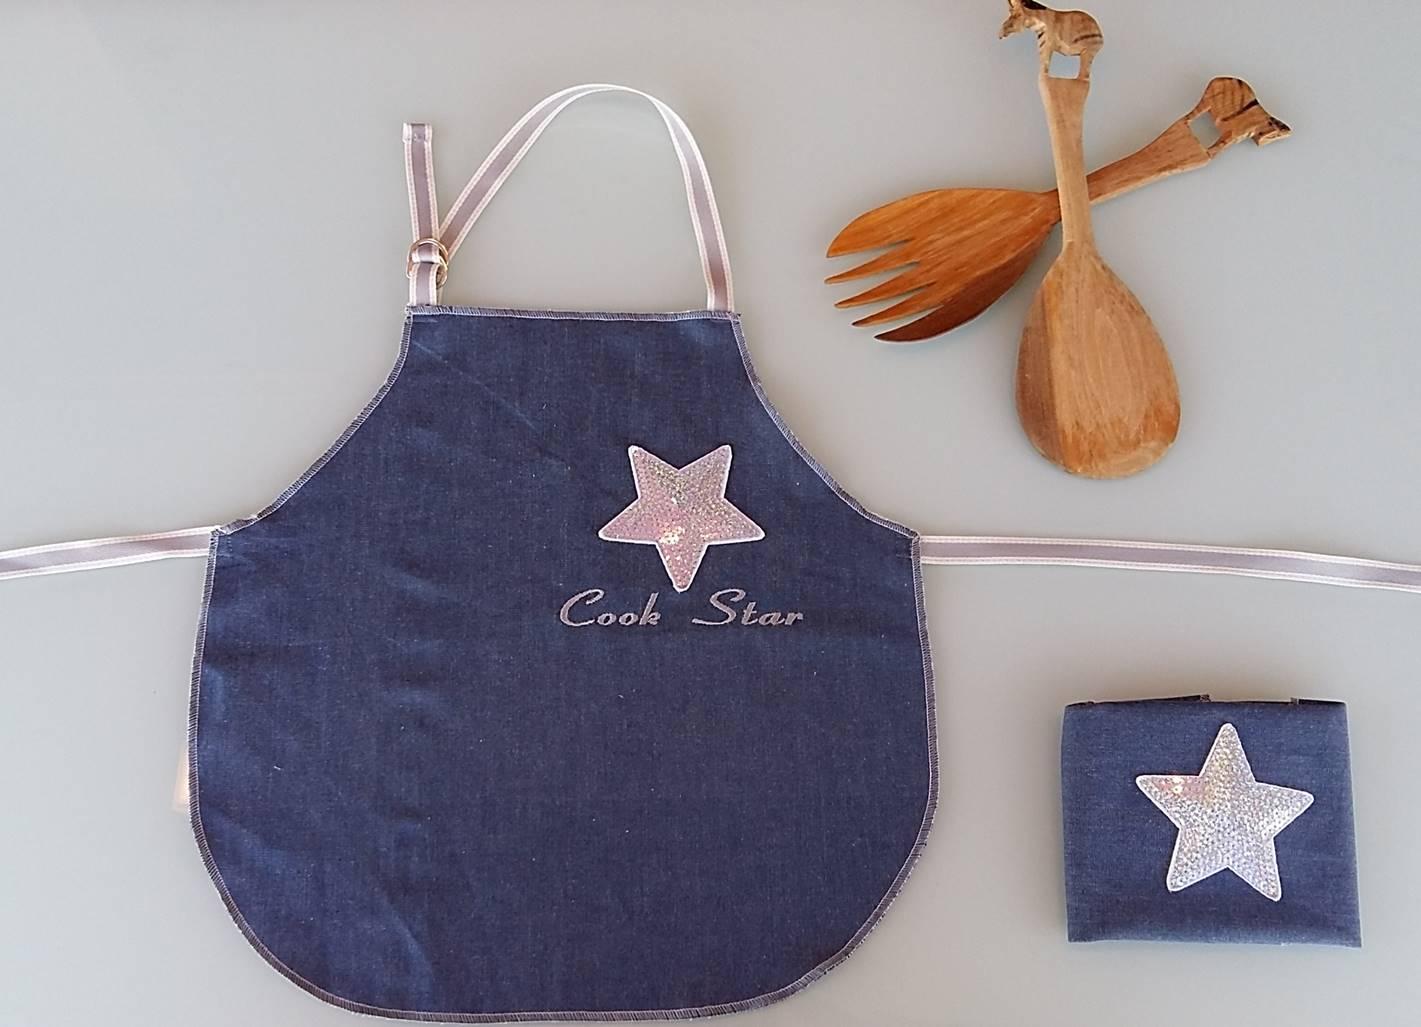 b32372189b6 Delantal Vaquero Bordado Cook Star · delantal para niños, delantales  infantiles, delantal de estrellas, delantales originales, delantales  personalizados